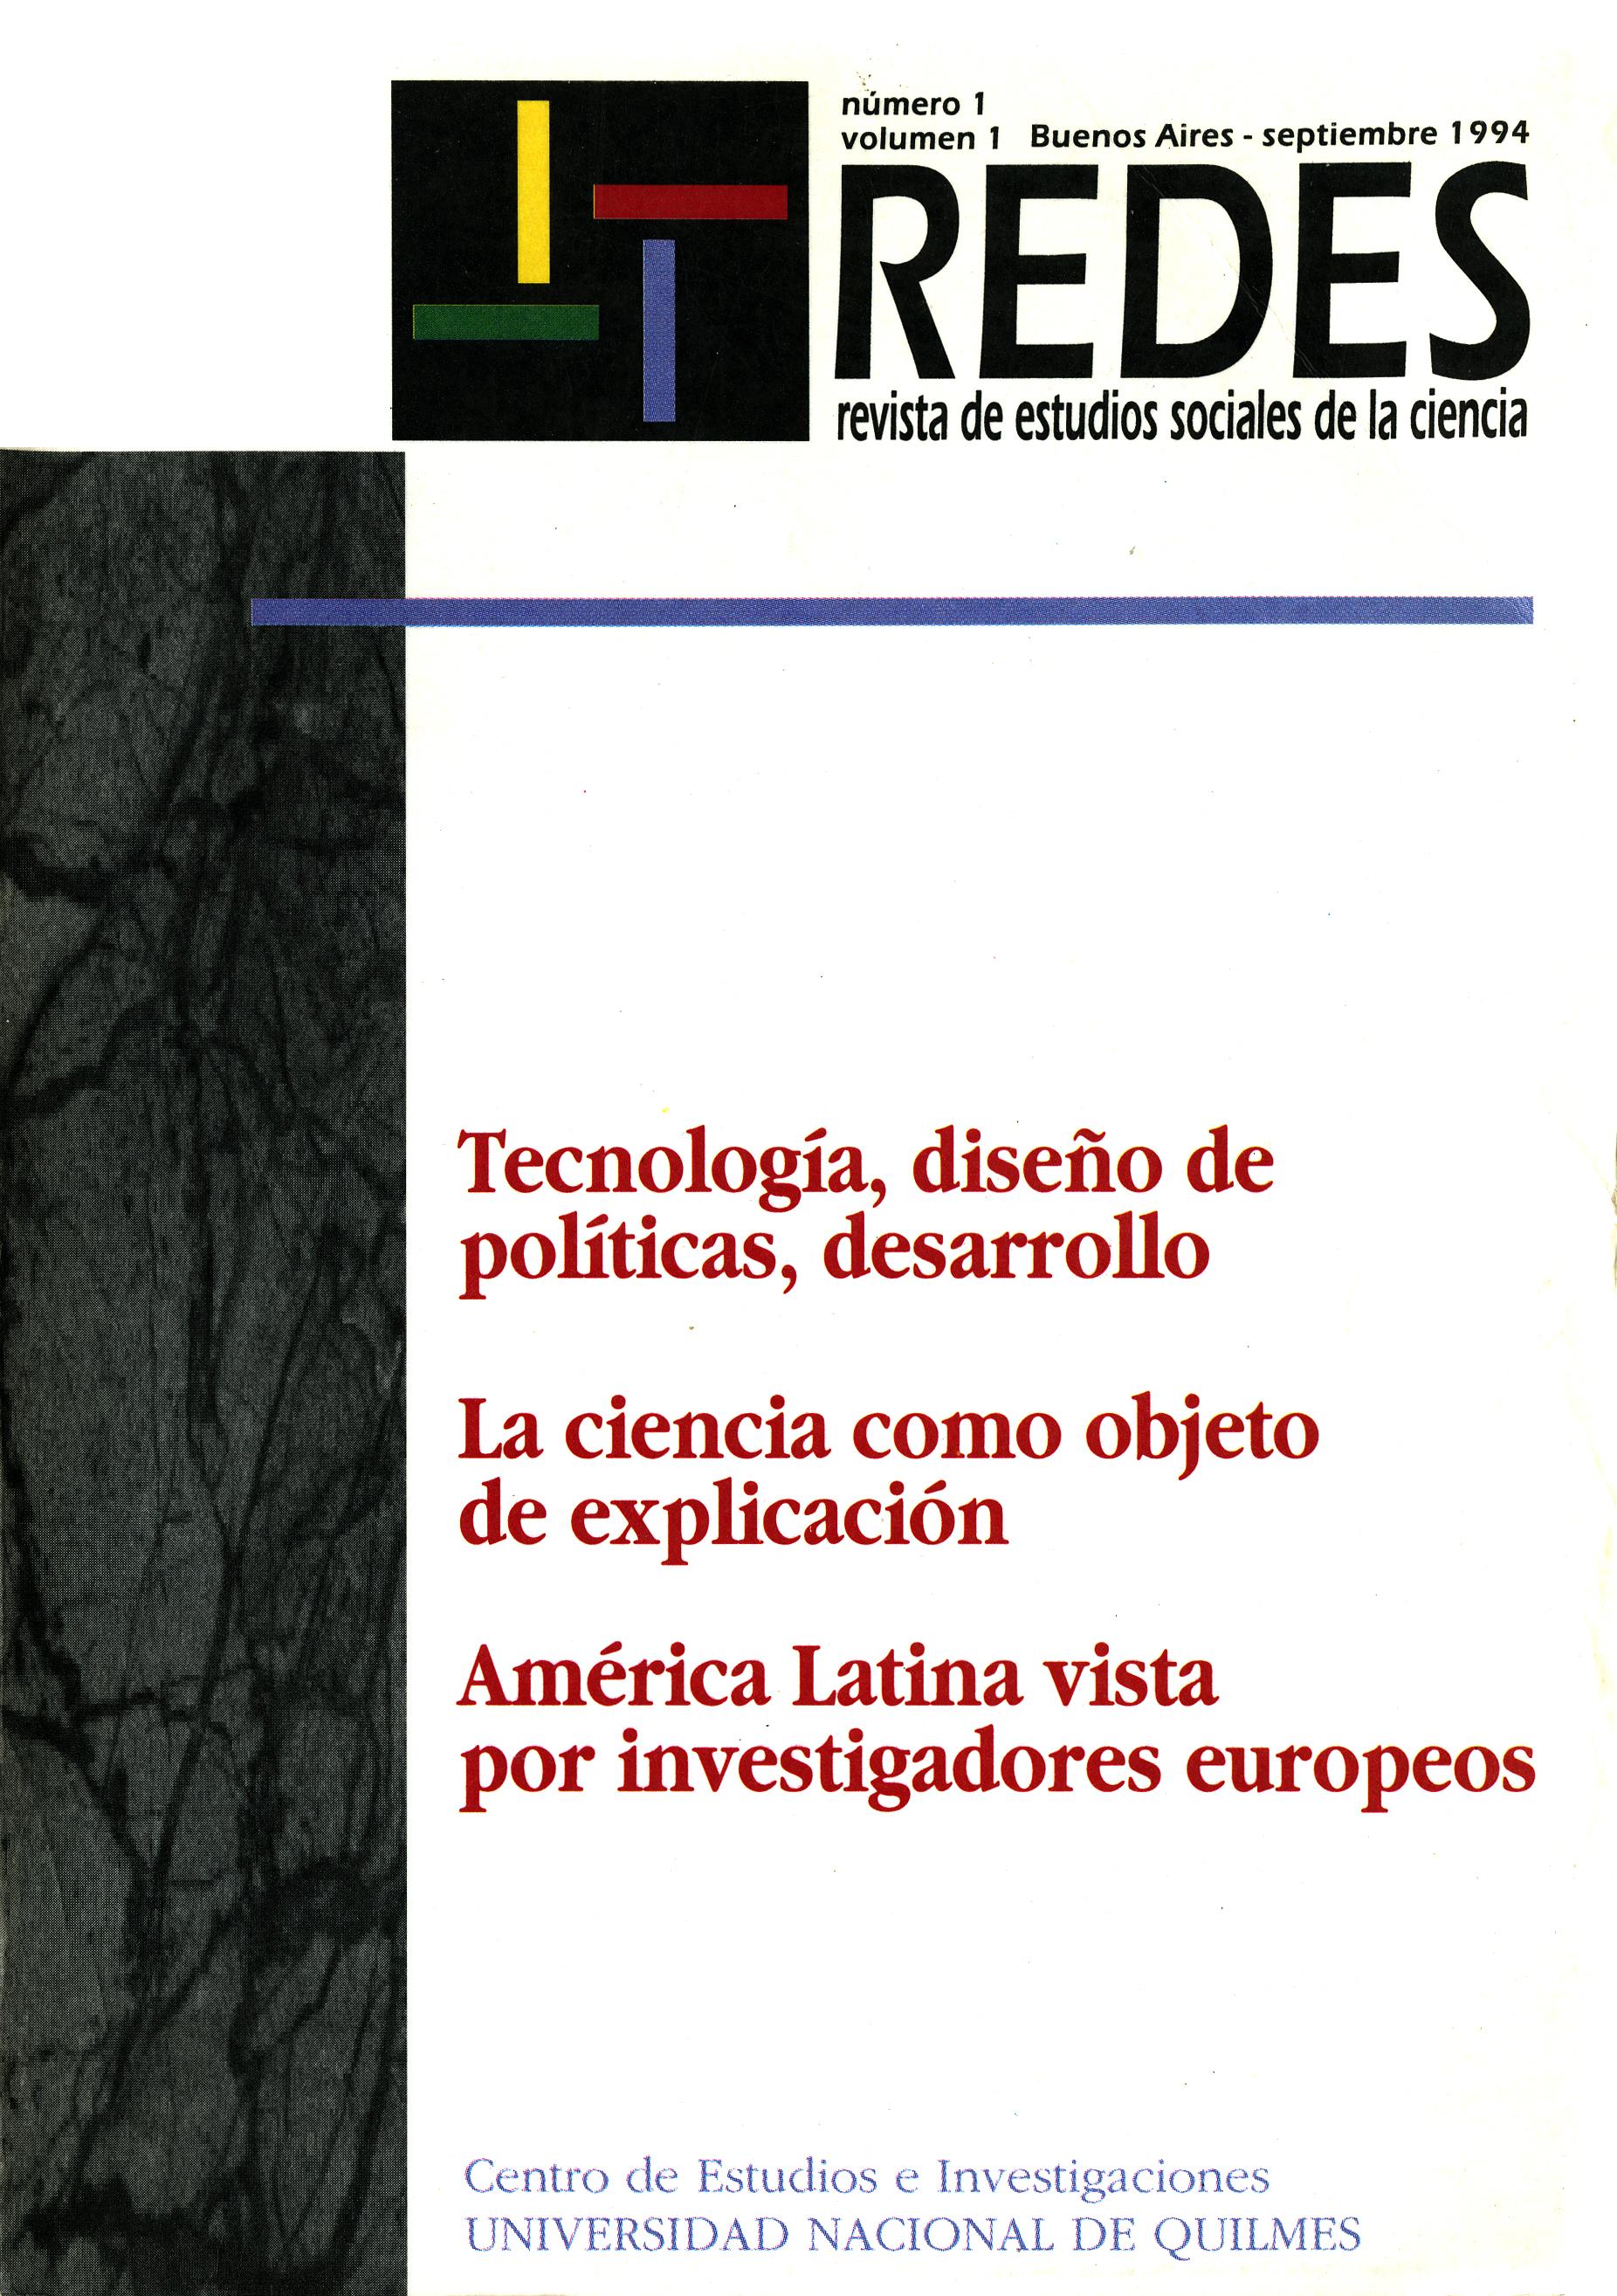 Redes. Revista de Estudios Sociales de la Ciencia y la Tecnología